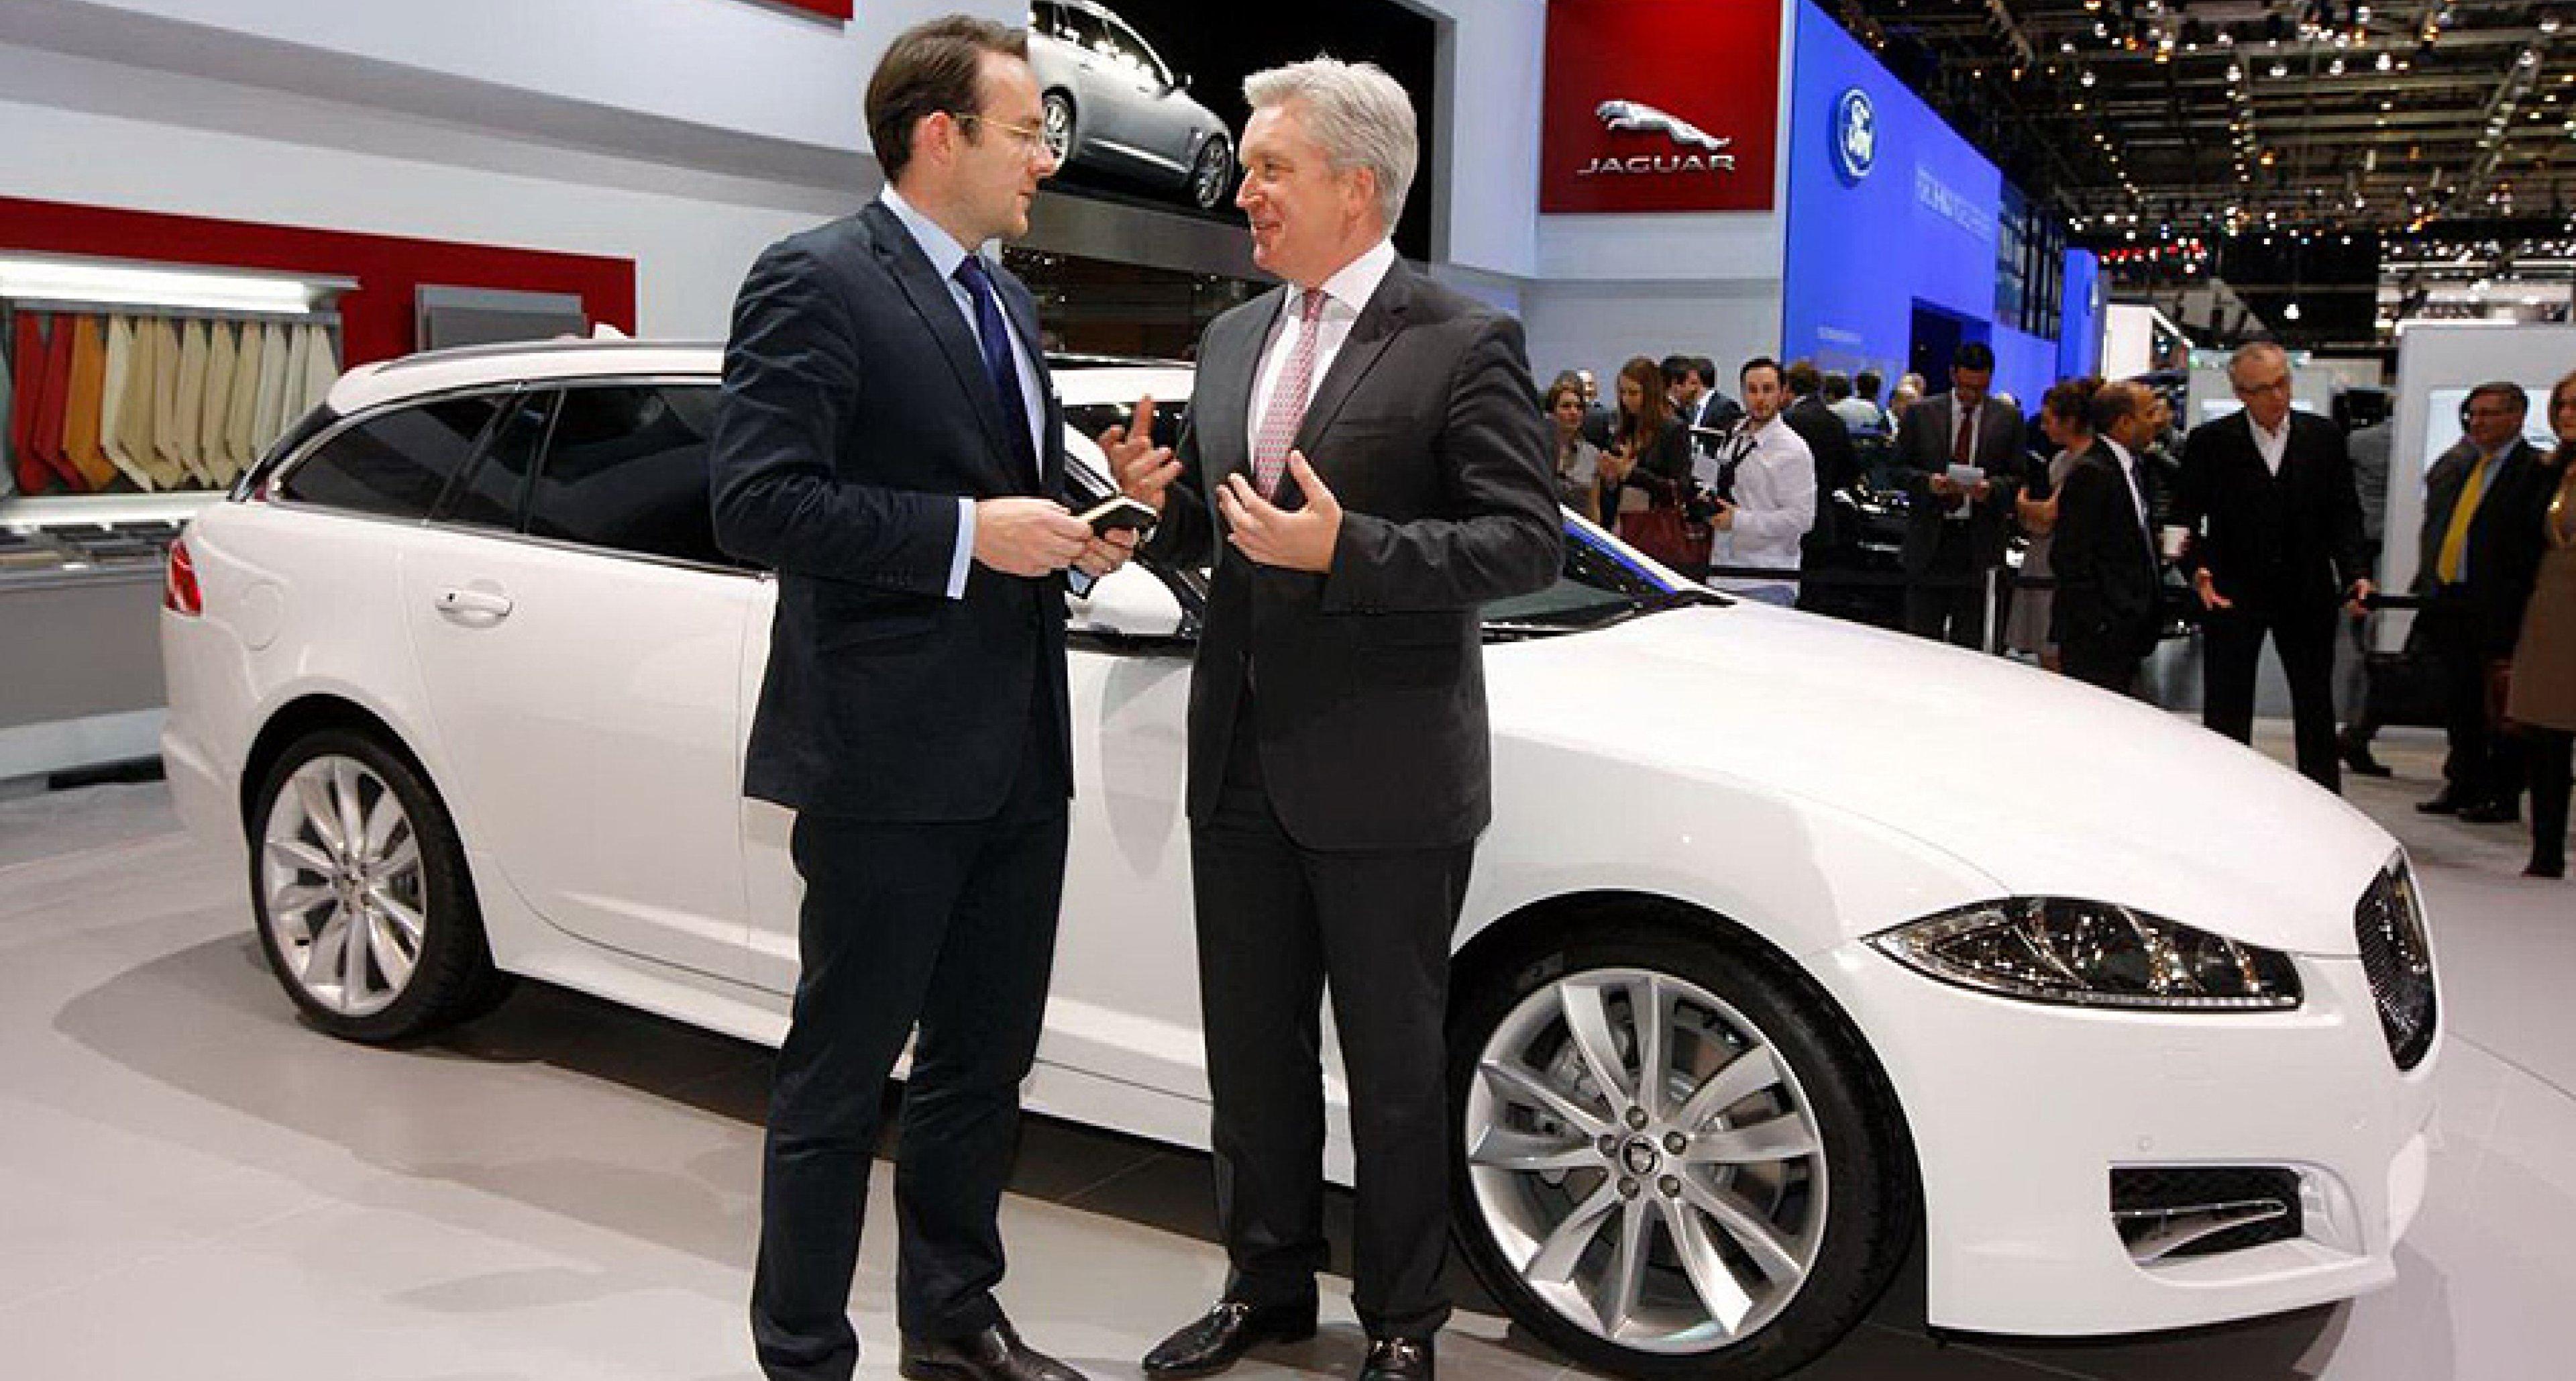 Fünf Fragen an: Adrian Hallmark, Jaguar-Markenchef